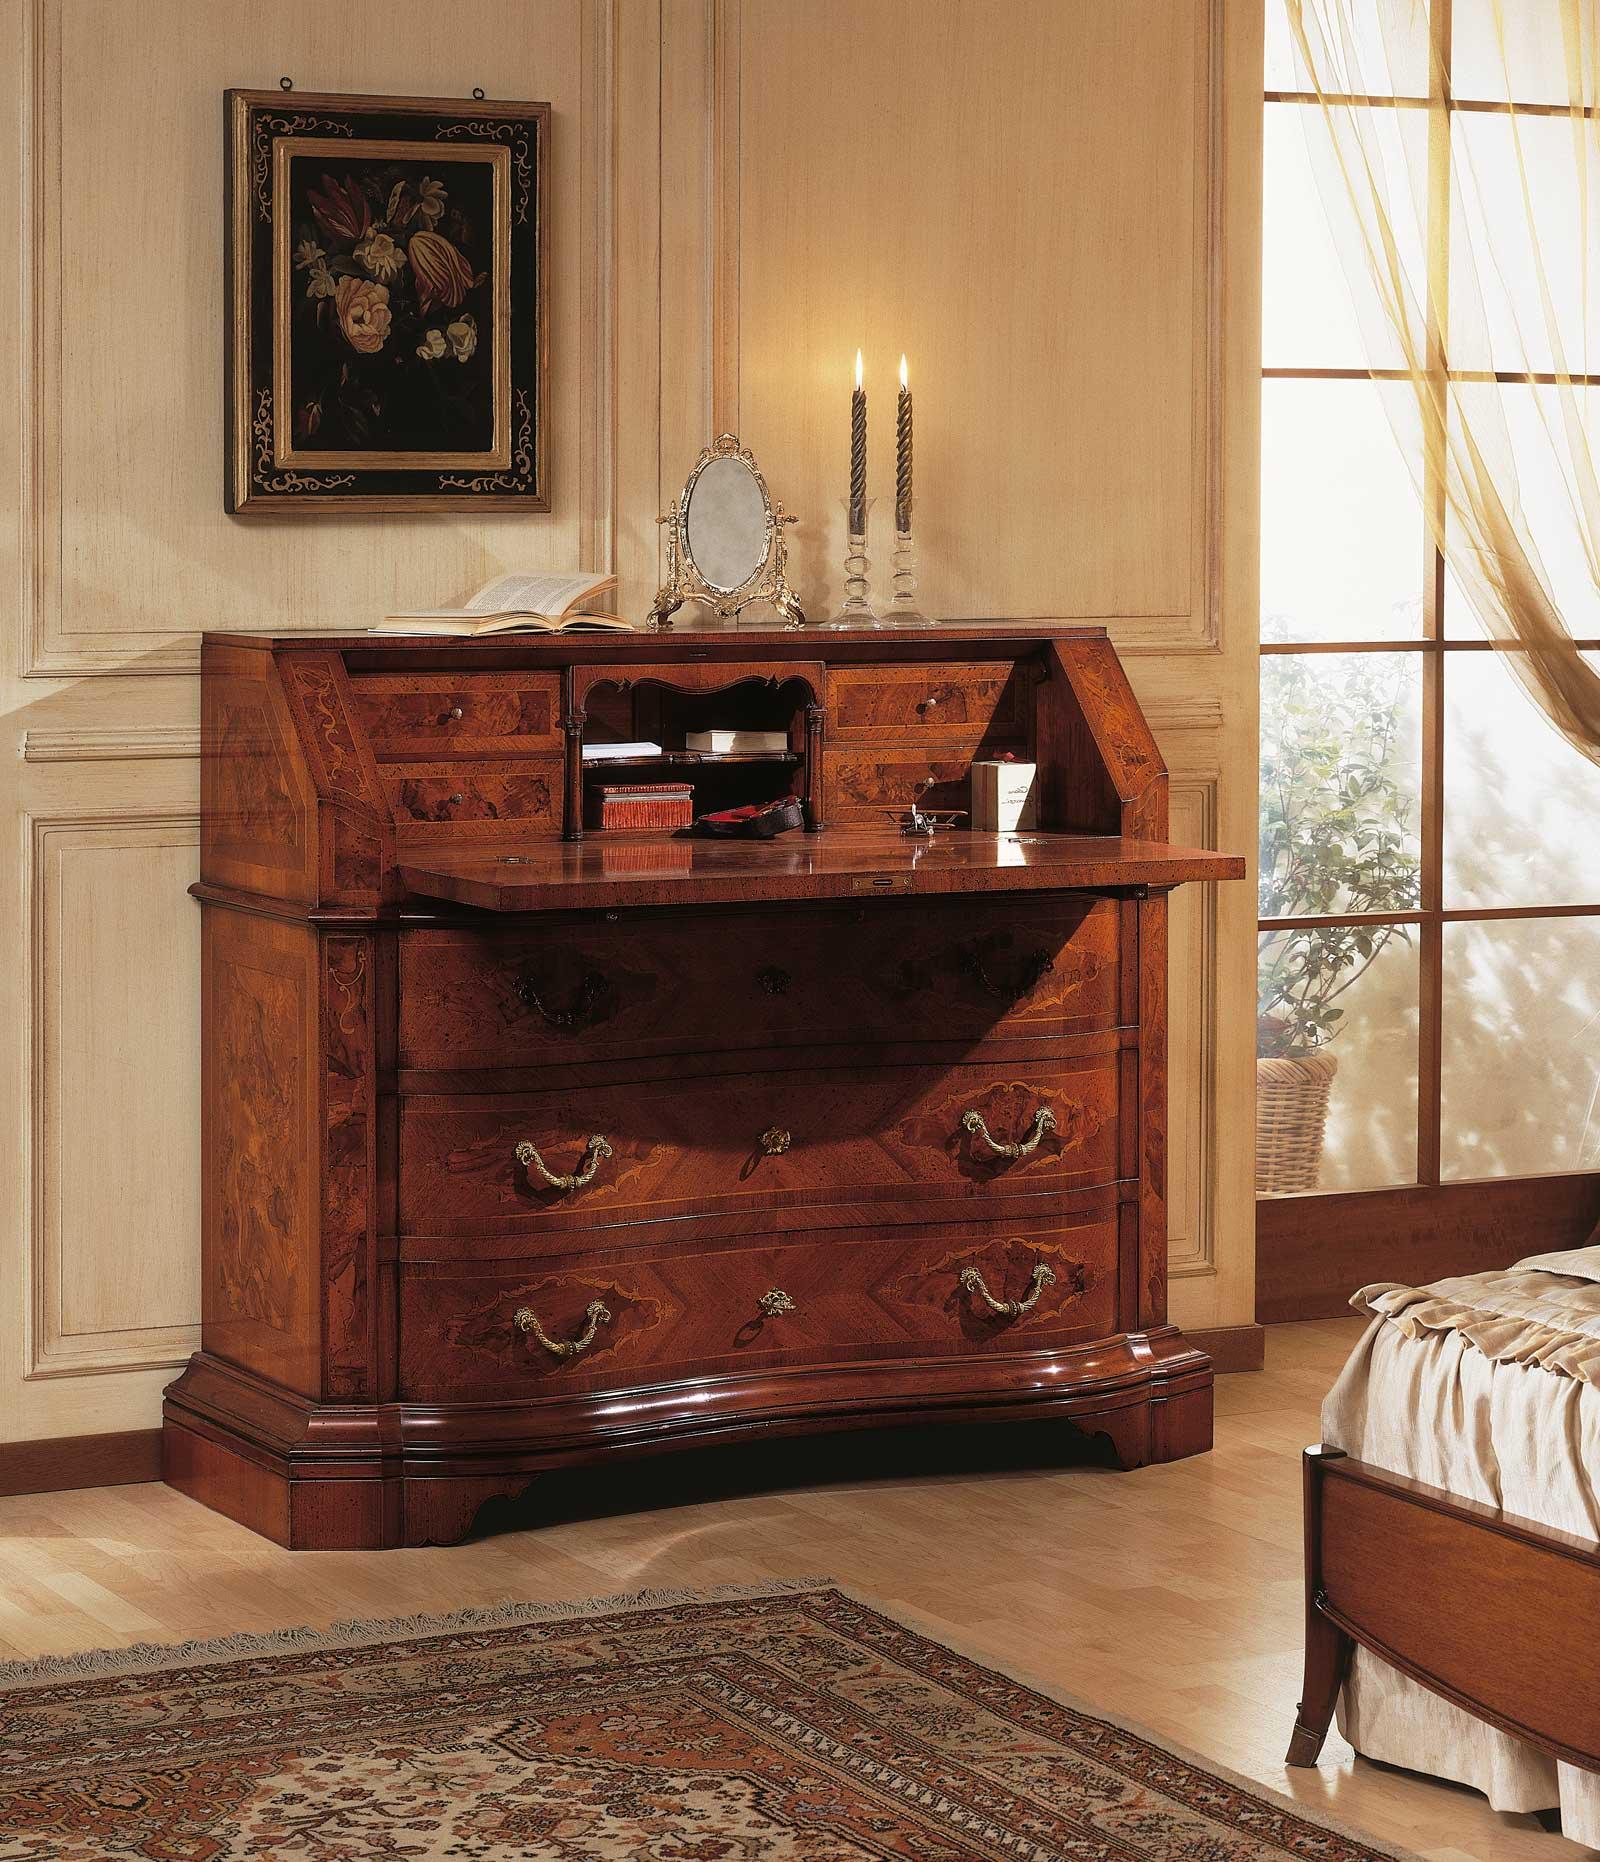 Collezione mobili classici 700 lombardo trumeau in legno - Mobili classici in legno ...